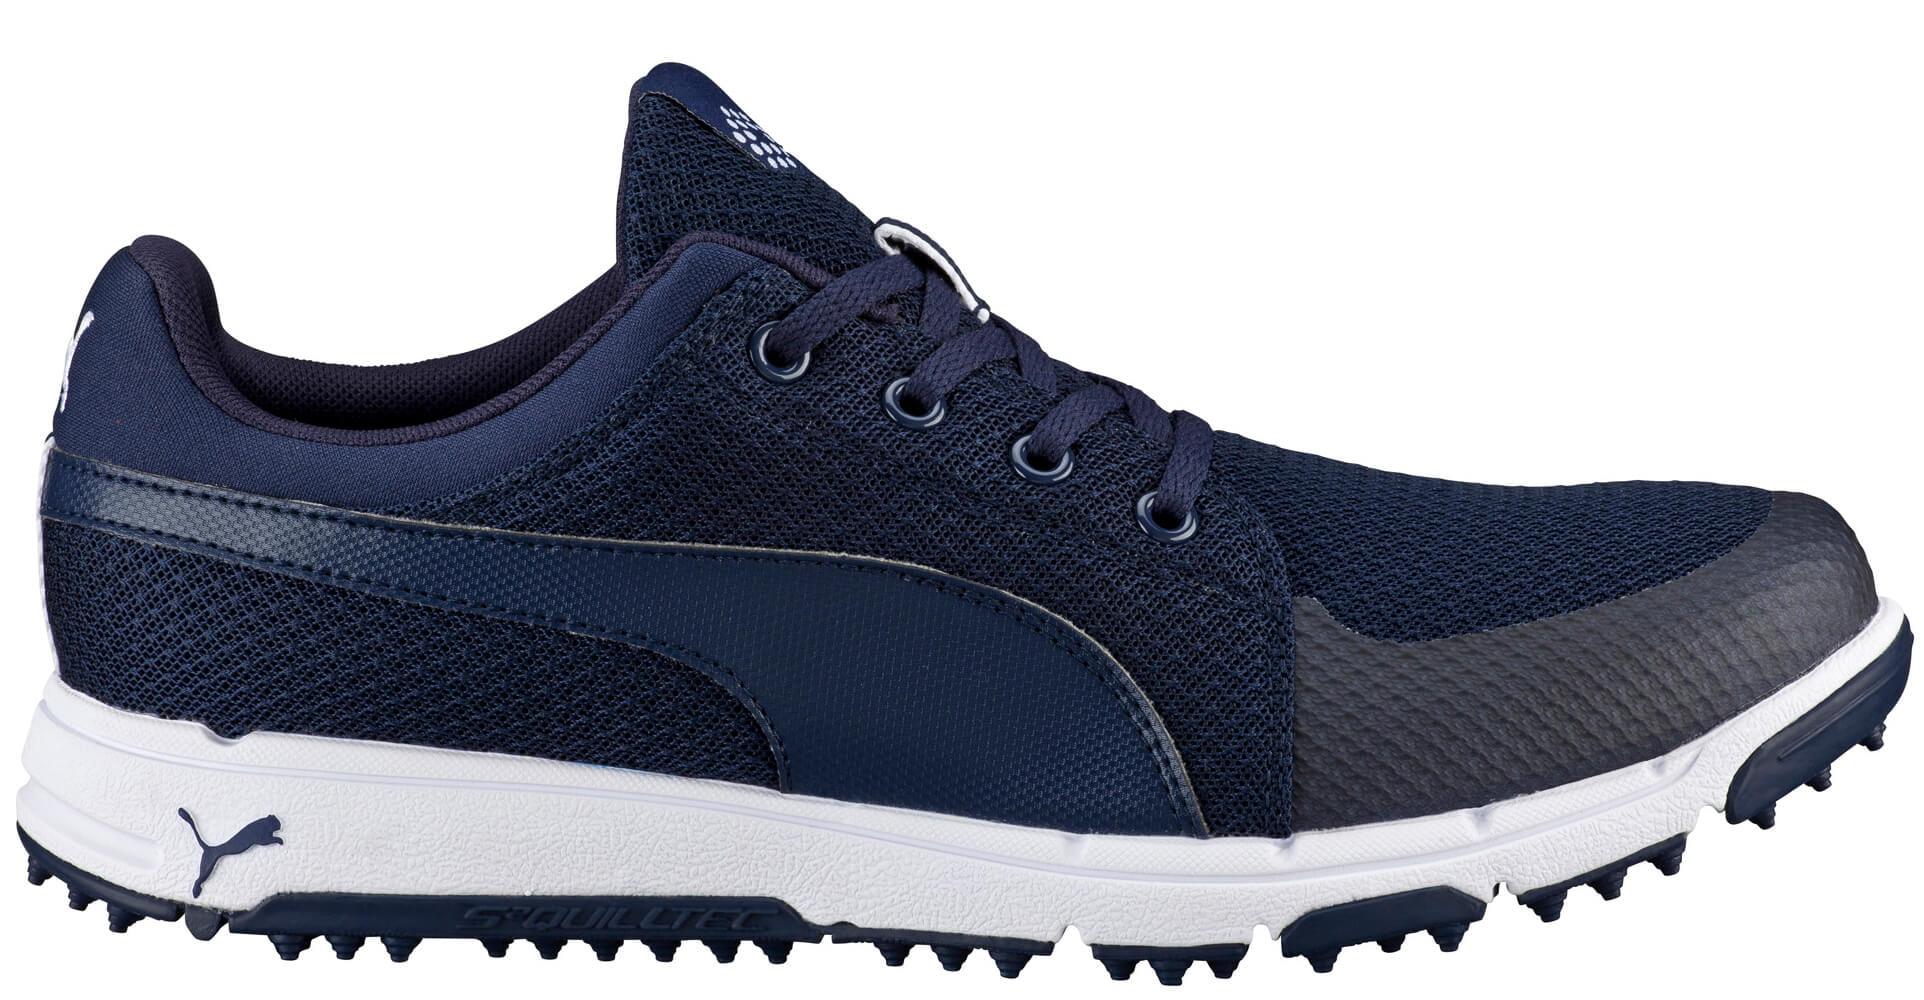 Puma Grip Sport Golf Shoes 189168-02